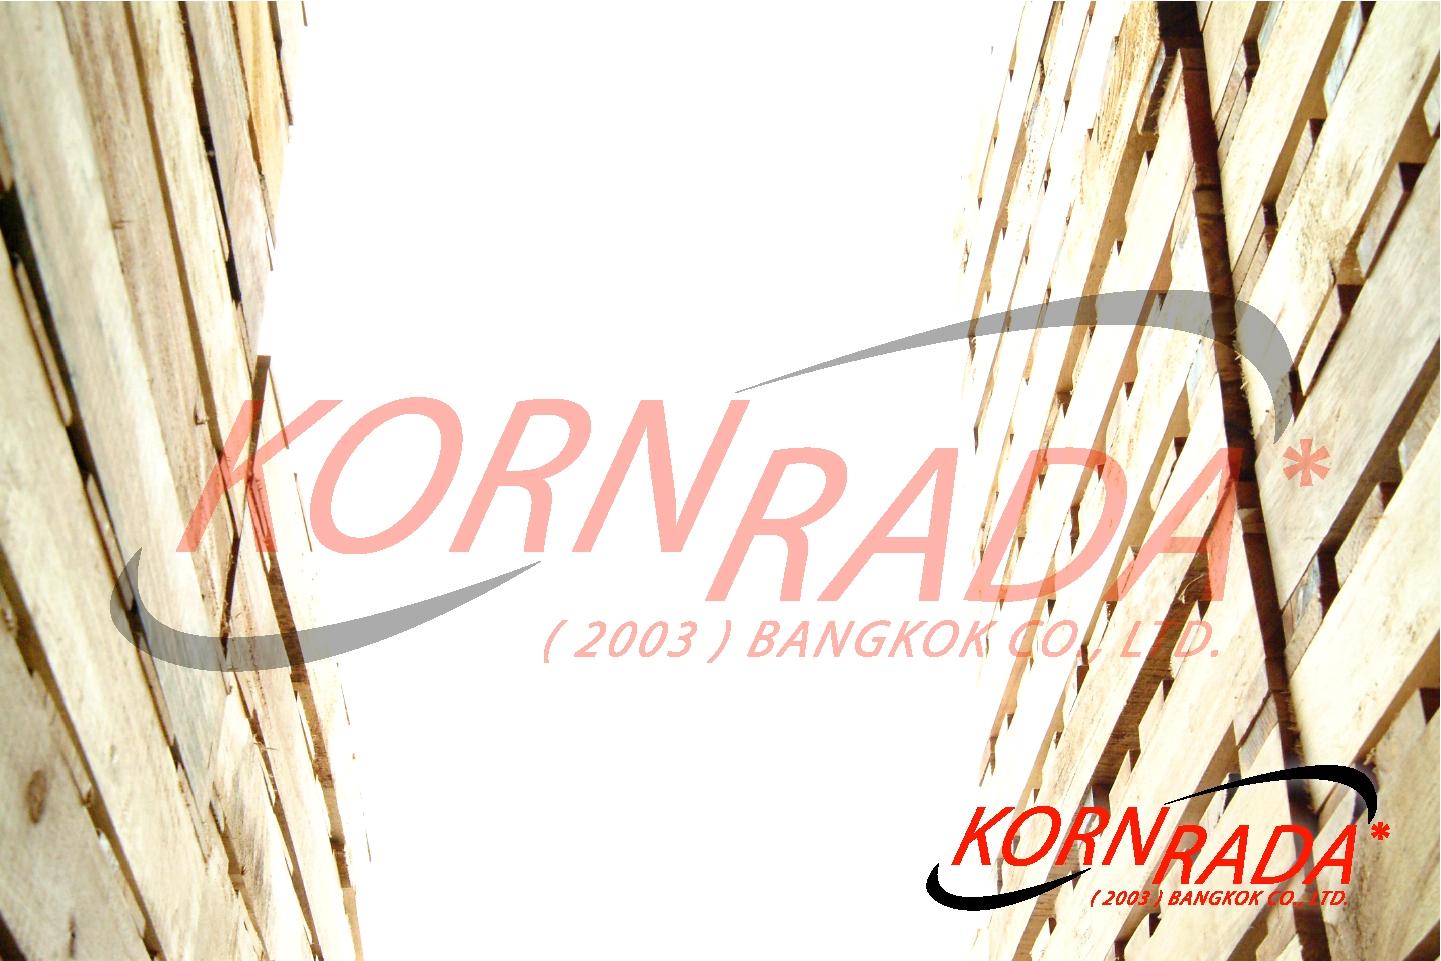 kornrada_products_2012